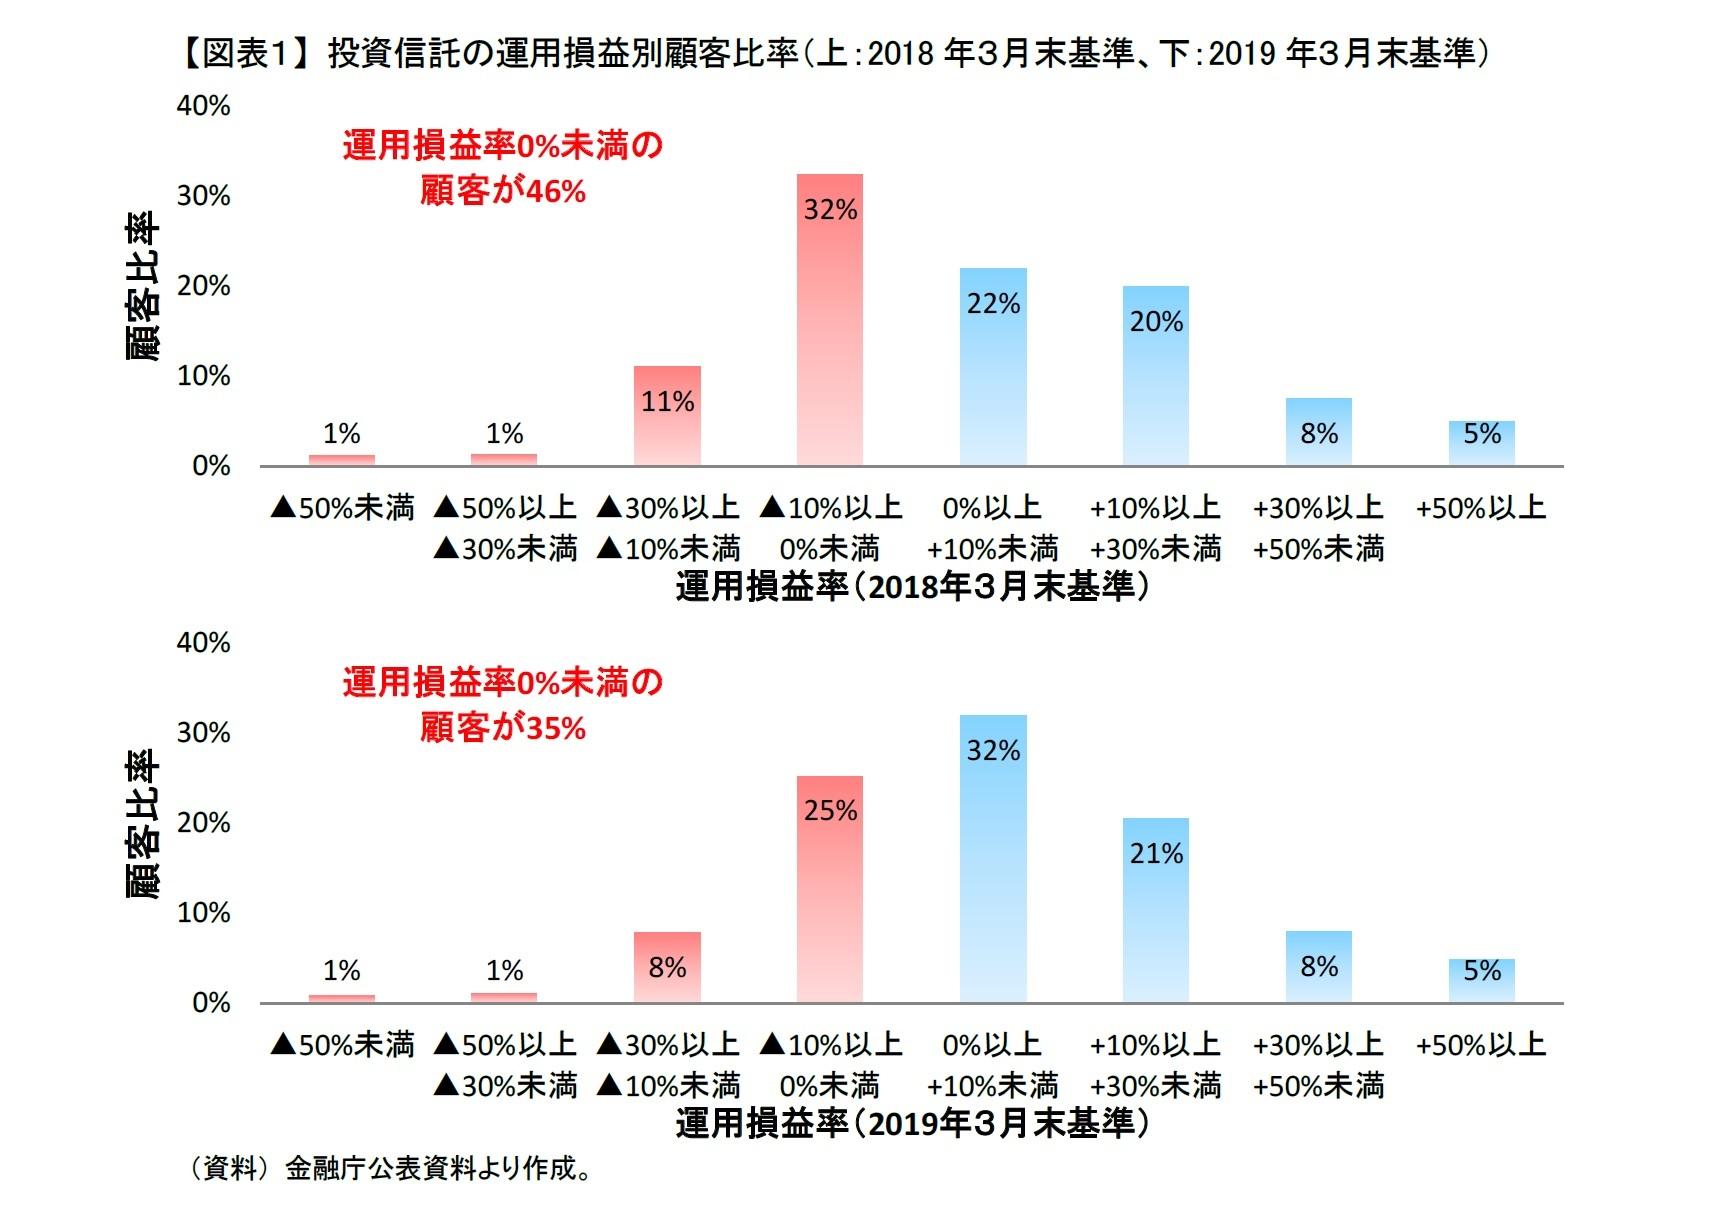 【図表1】 投資信託の運用損益別顧客比率(上:2018年3月末基準、下:2019年3月末基準)